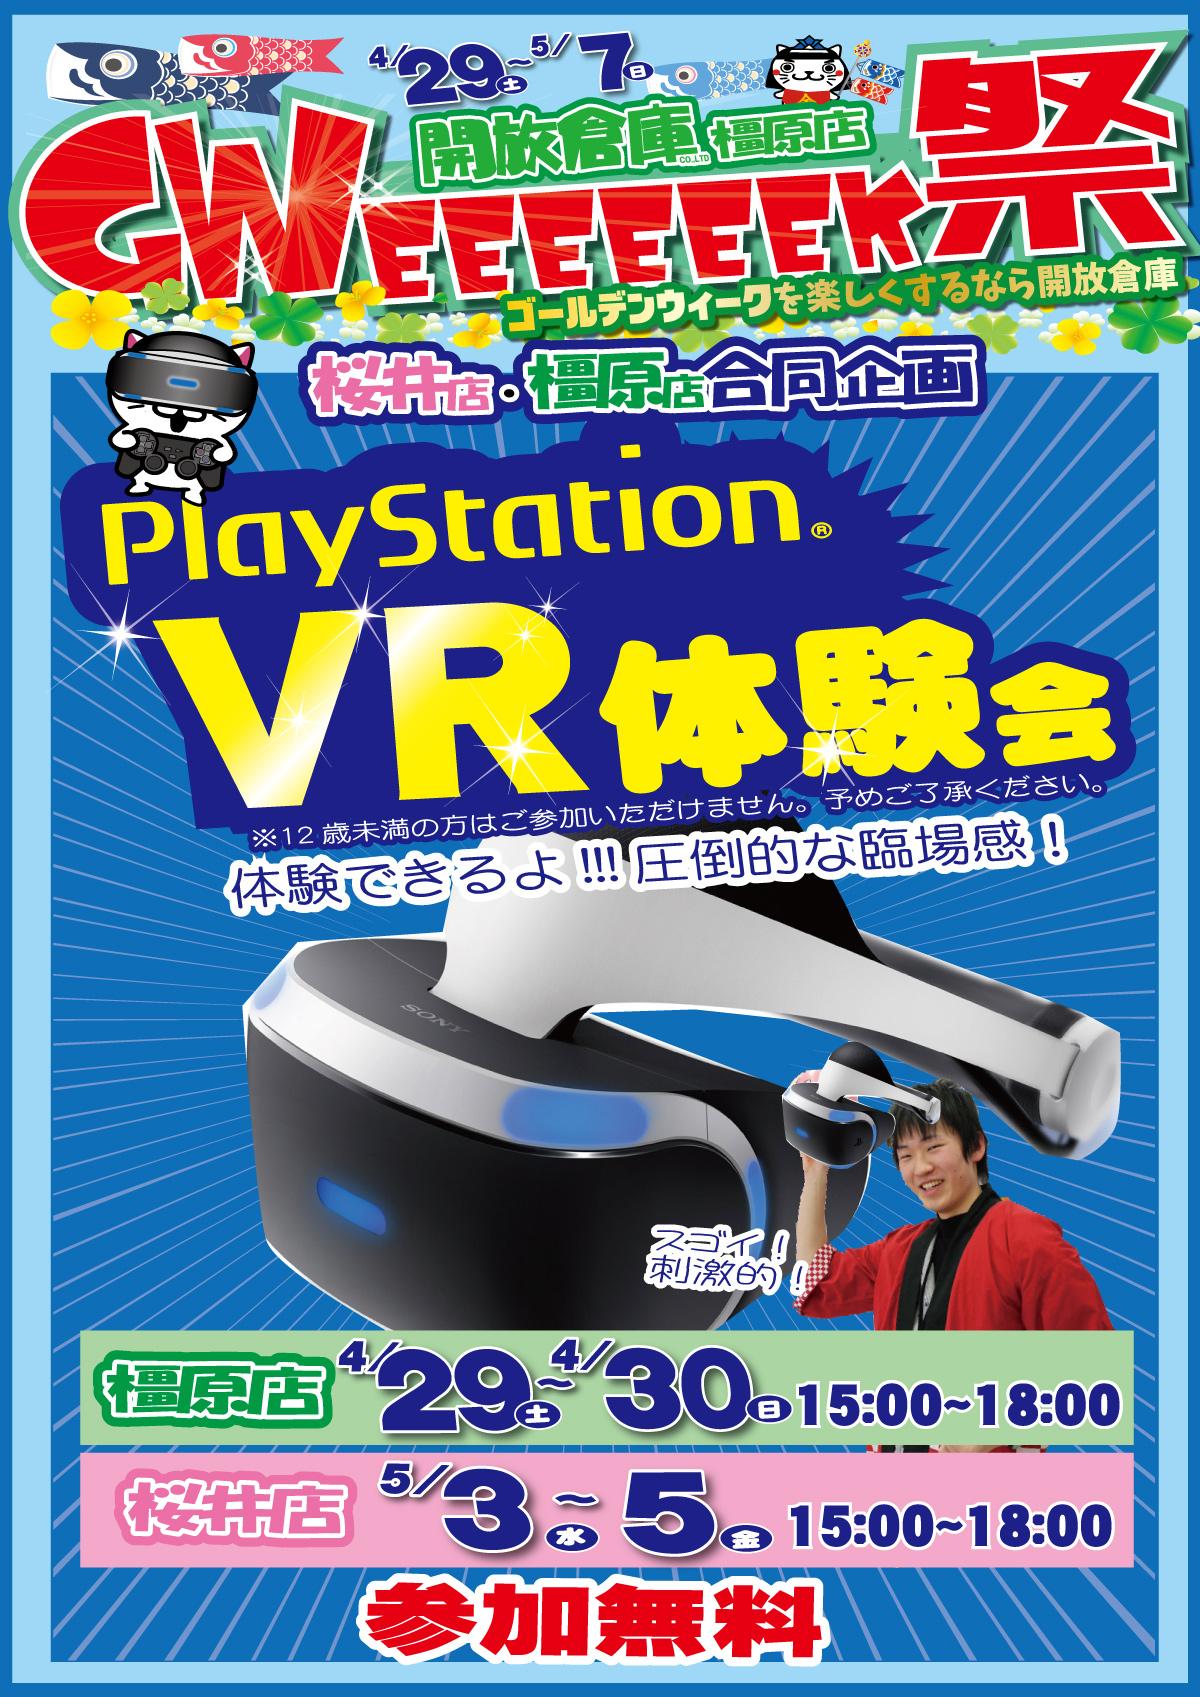 「開放倉庫桜井店」桜井店・橿原店合同企画PlayStation VR体験会開催!圧倒的な臨場感を体験しよう!参加無料!